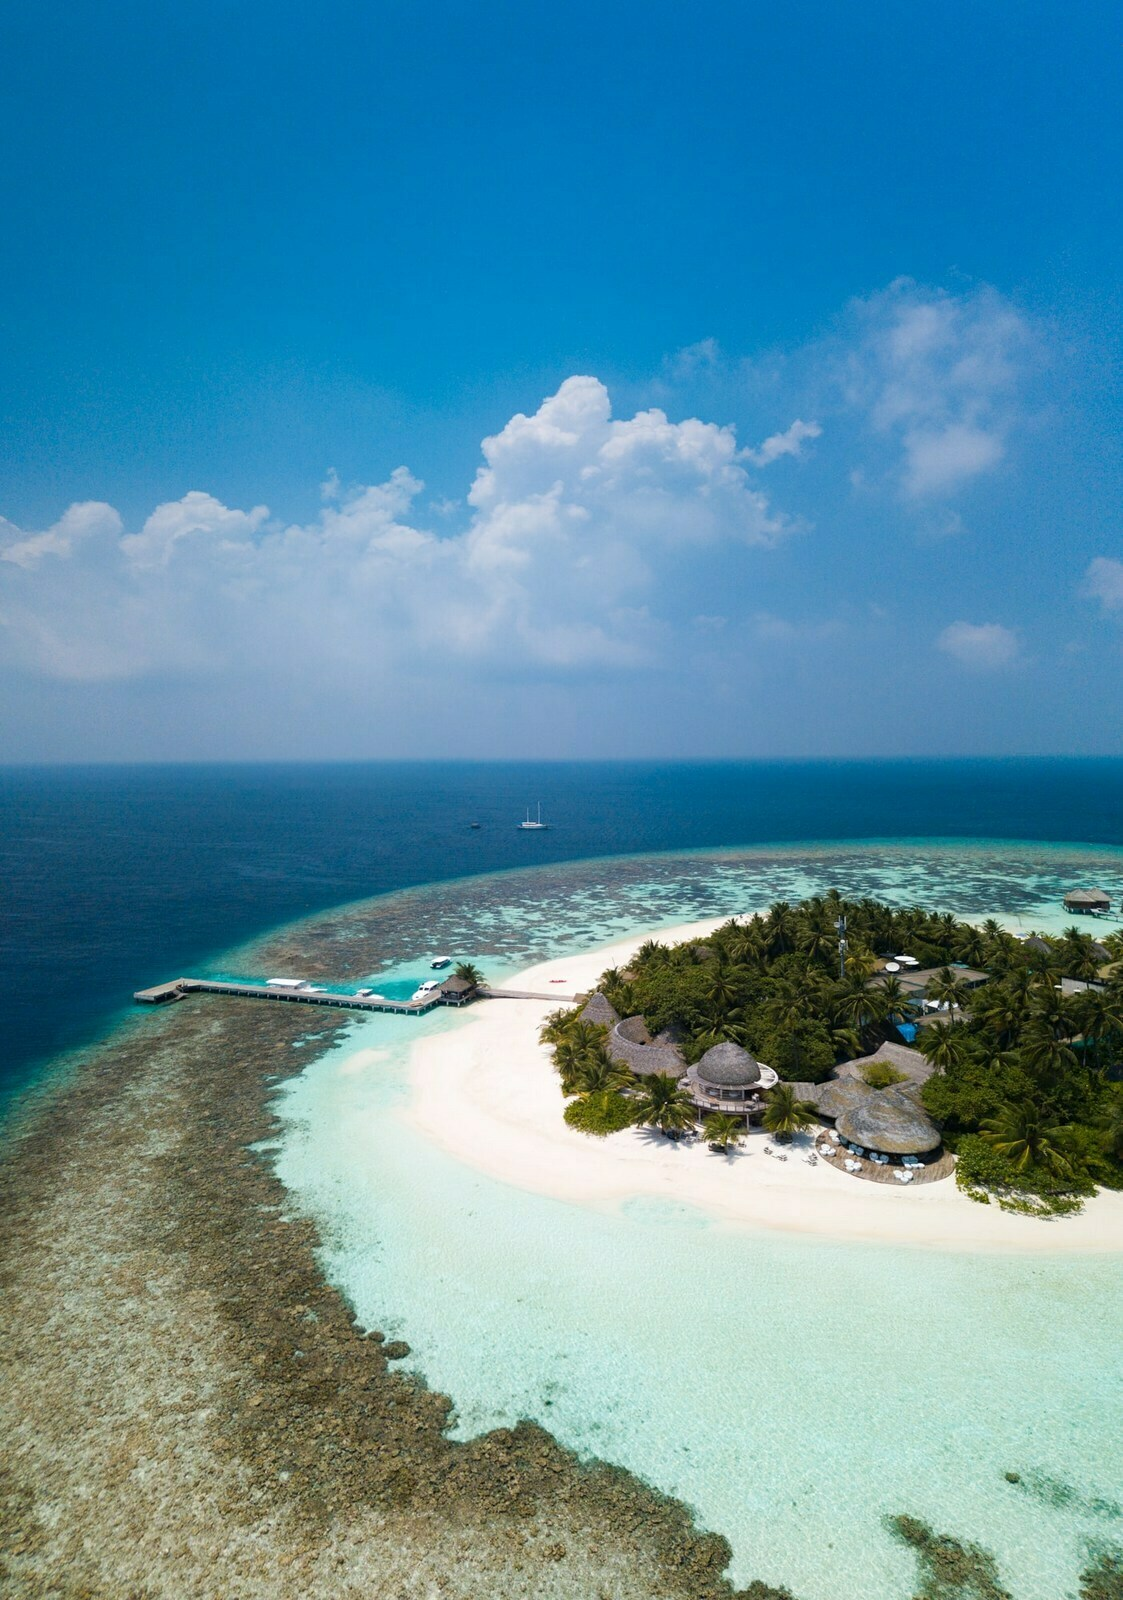 Мальдивы, отель Kandolhu Maldives